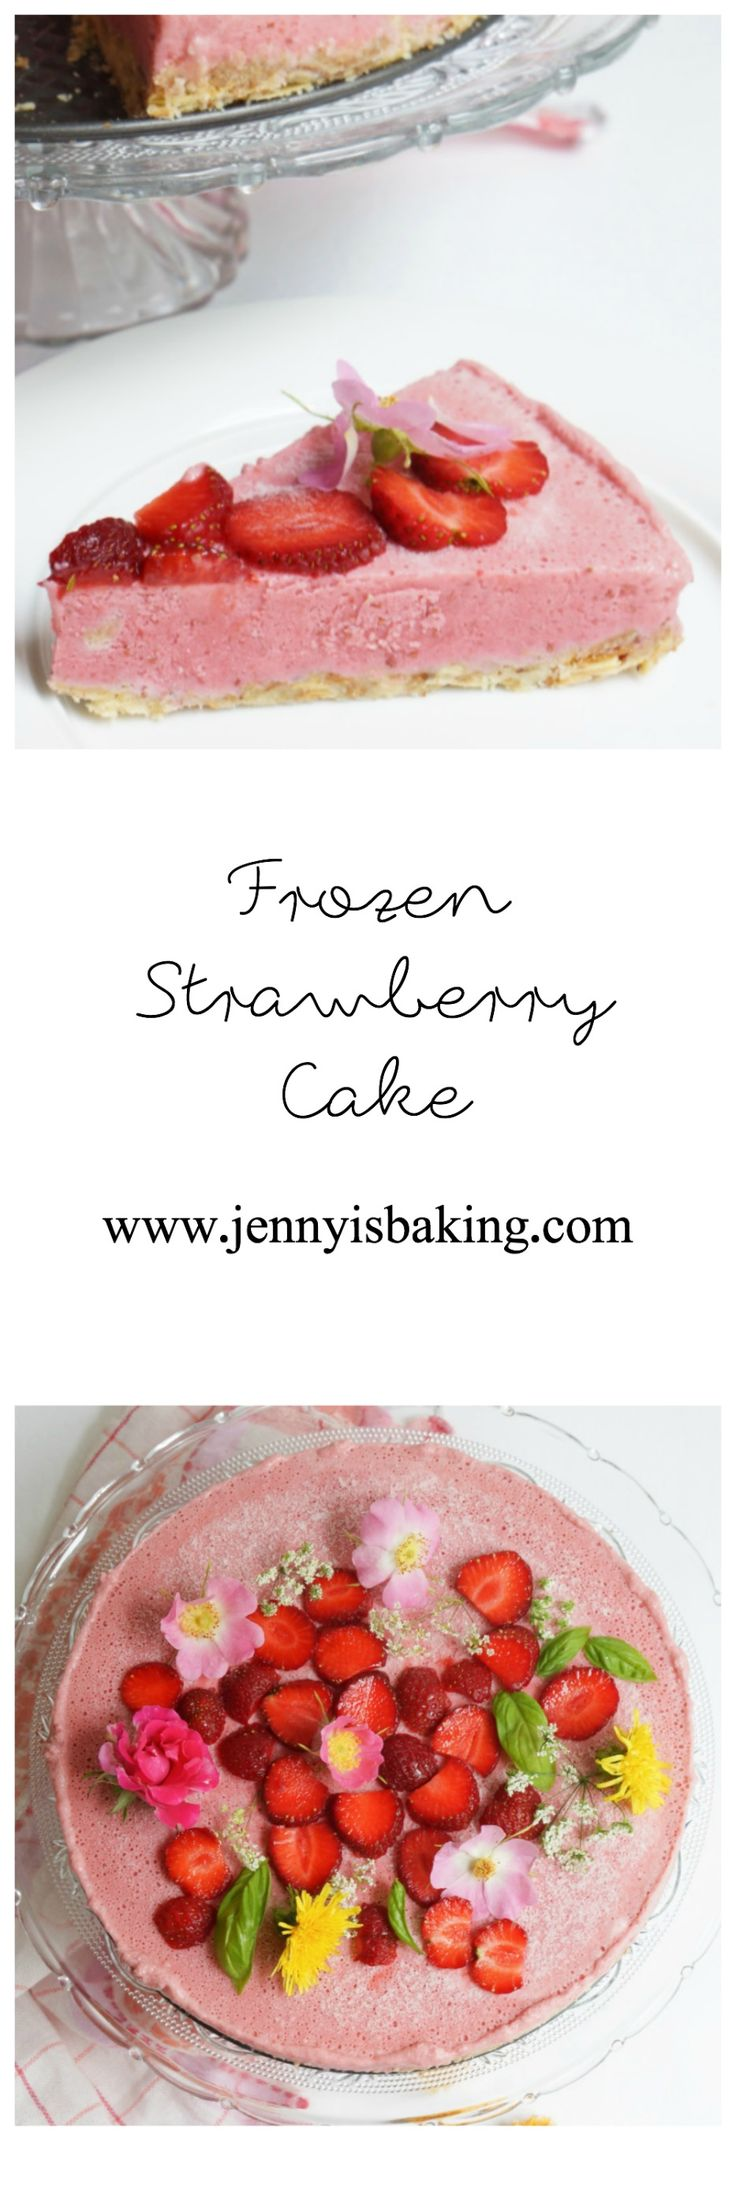 Strawberry Cake, no bake, gluten free and done in 15 minutes./Erdbeerkuchen, ohne backen und in 15 Minuten gemacht